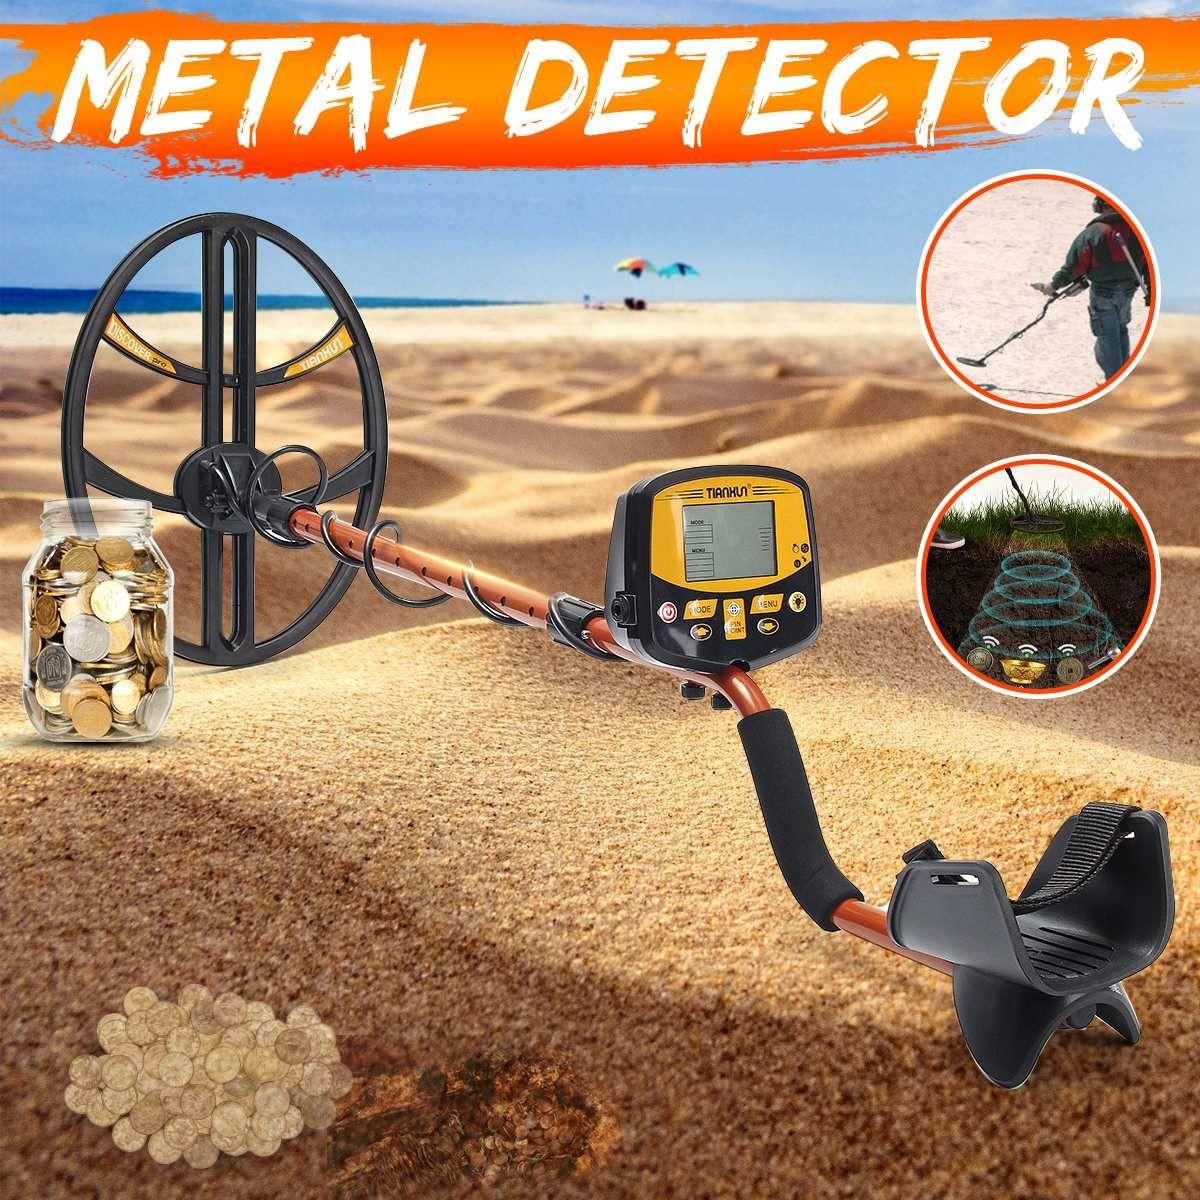 TX-950 Professionelle Unterirdischen Metall Detektor Hohe Empfindlichkeit Silber Gold Detektor mit Umschaltbar Hintergrundbeleuchtung LCD Display